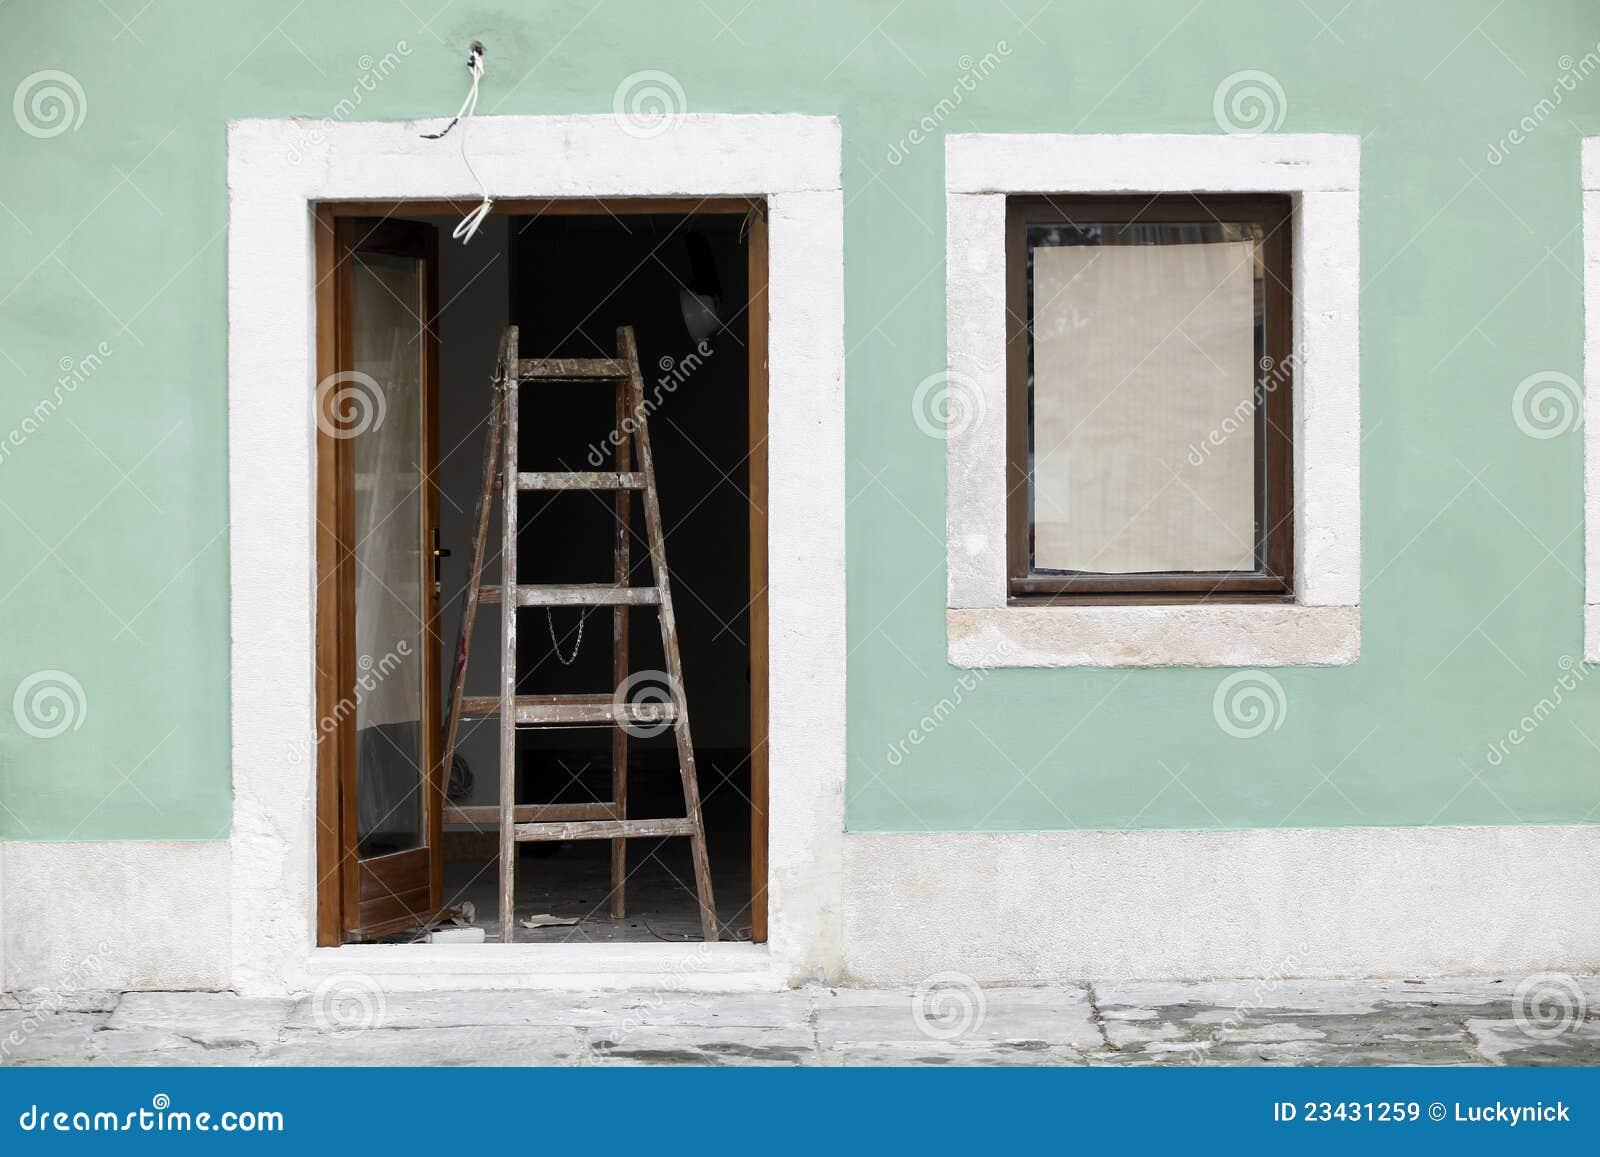 Fachada da casa da pintura imagens de stock royalty free for Pintura para fachadas de casas